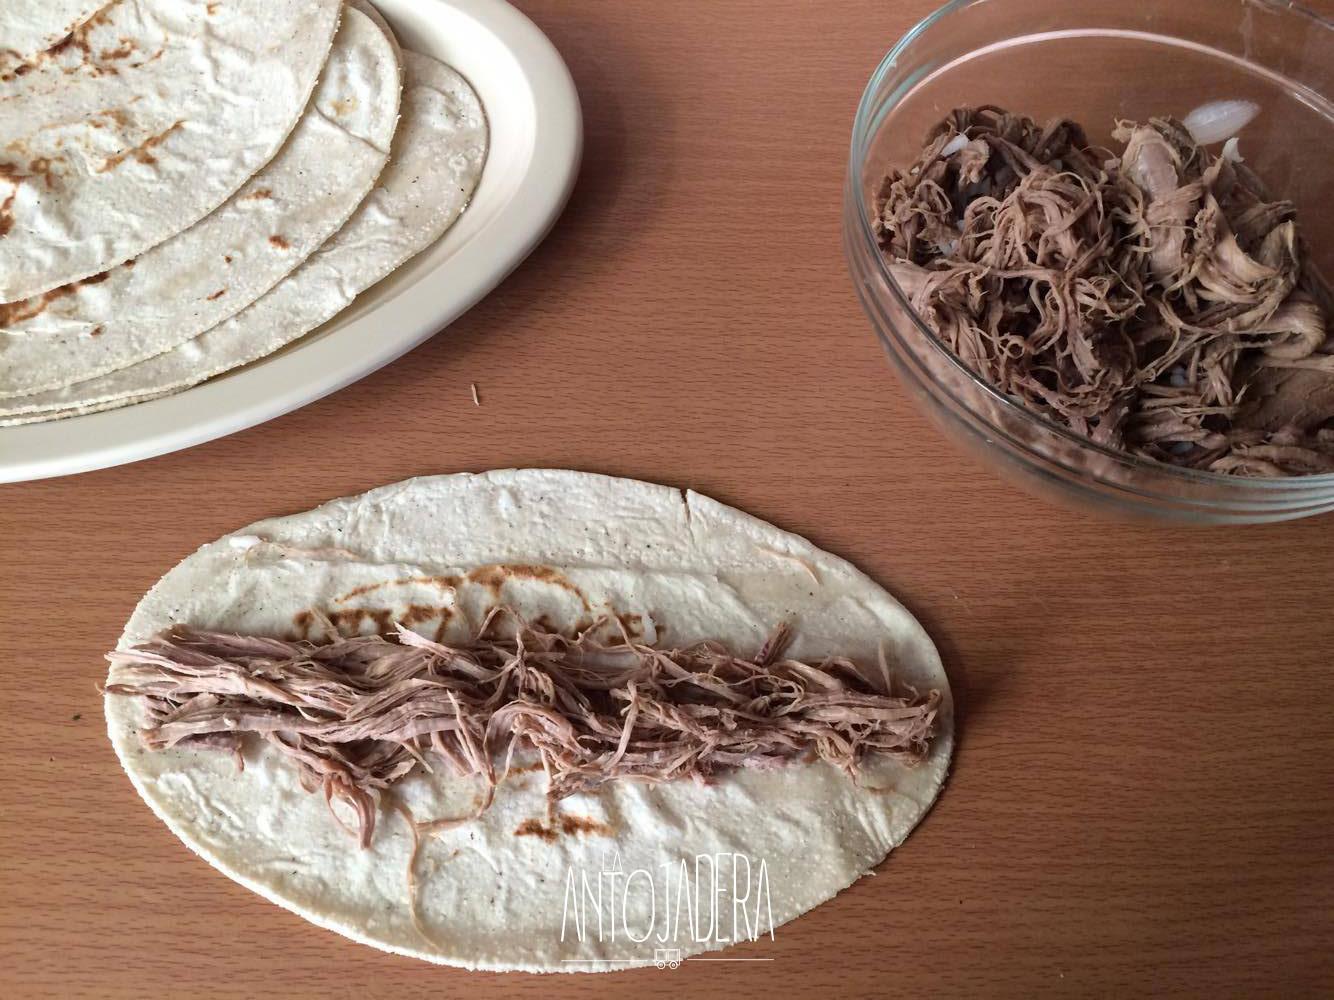 La Antojadera | Flautas de Carne Deshebrada de Res y Consomé